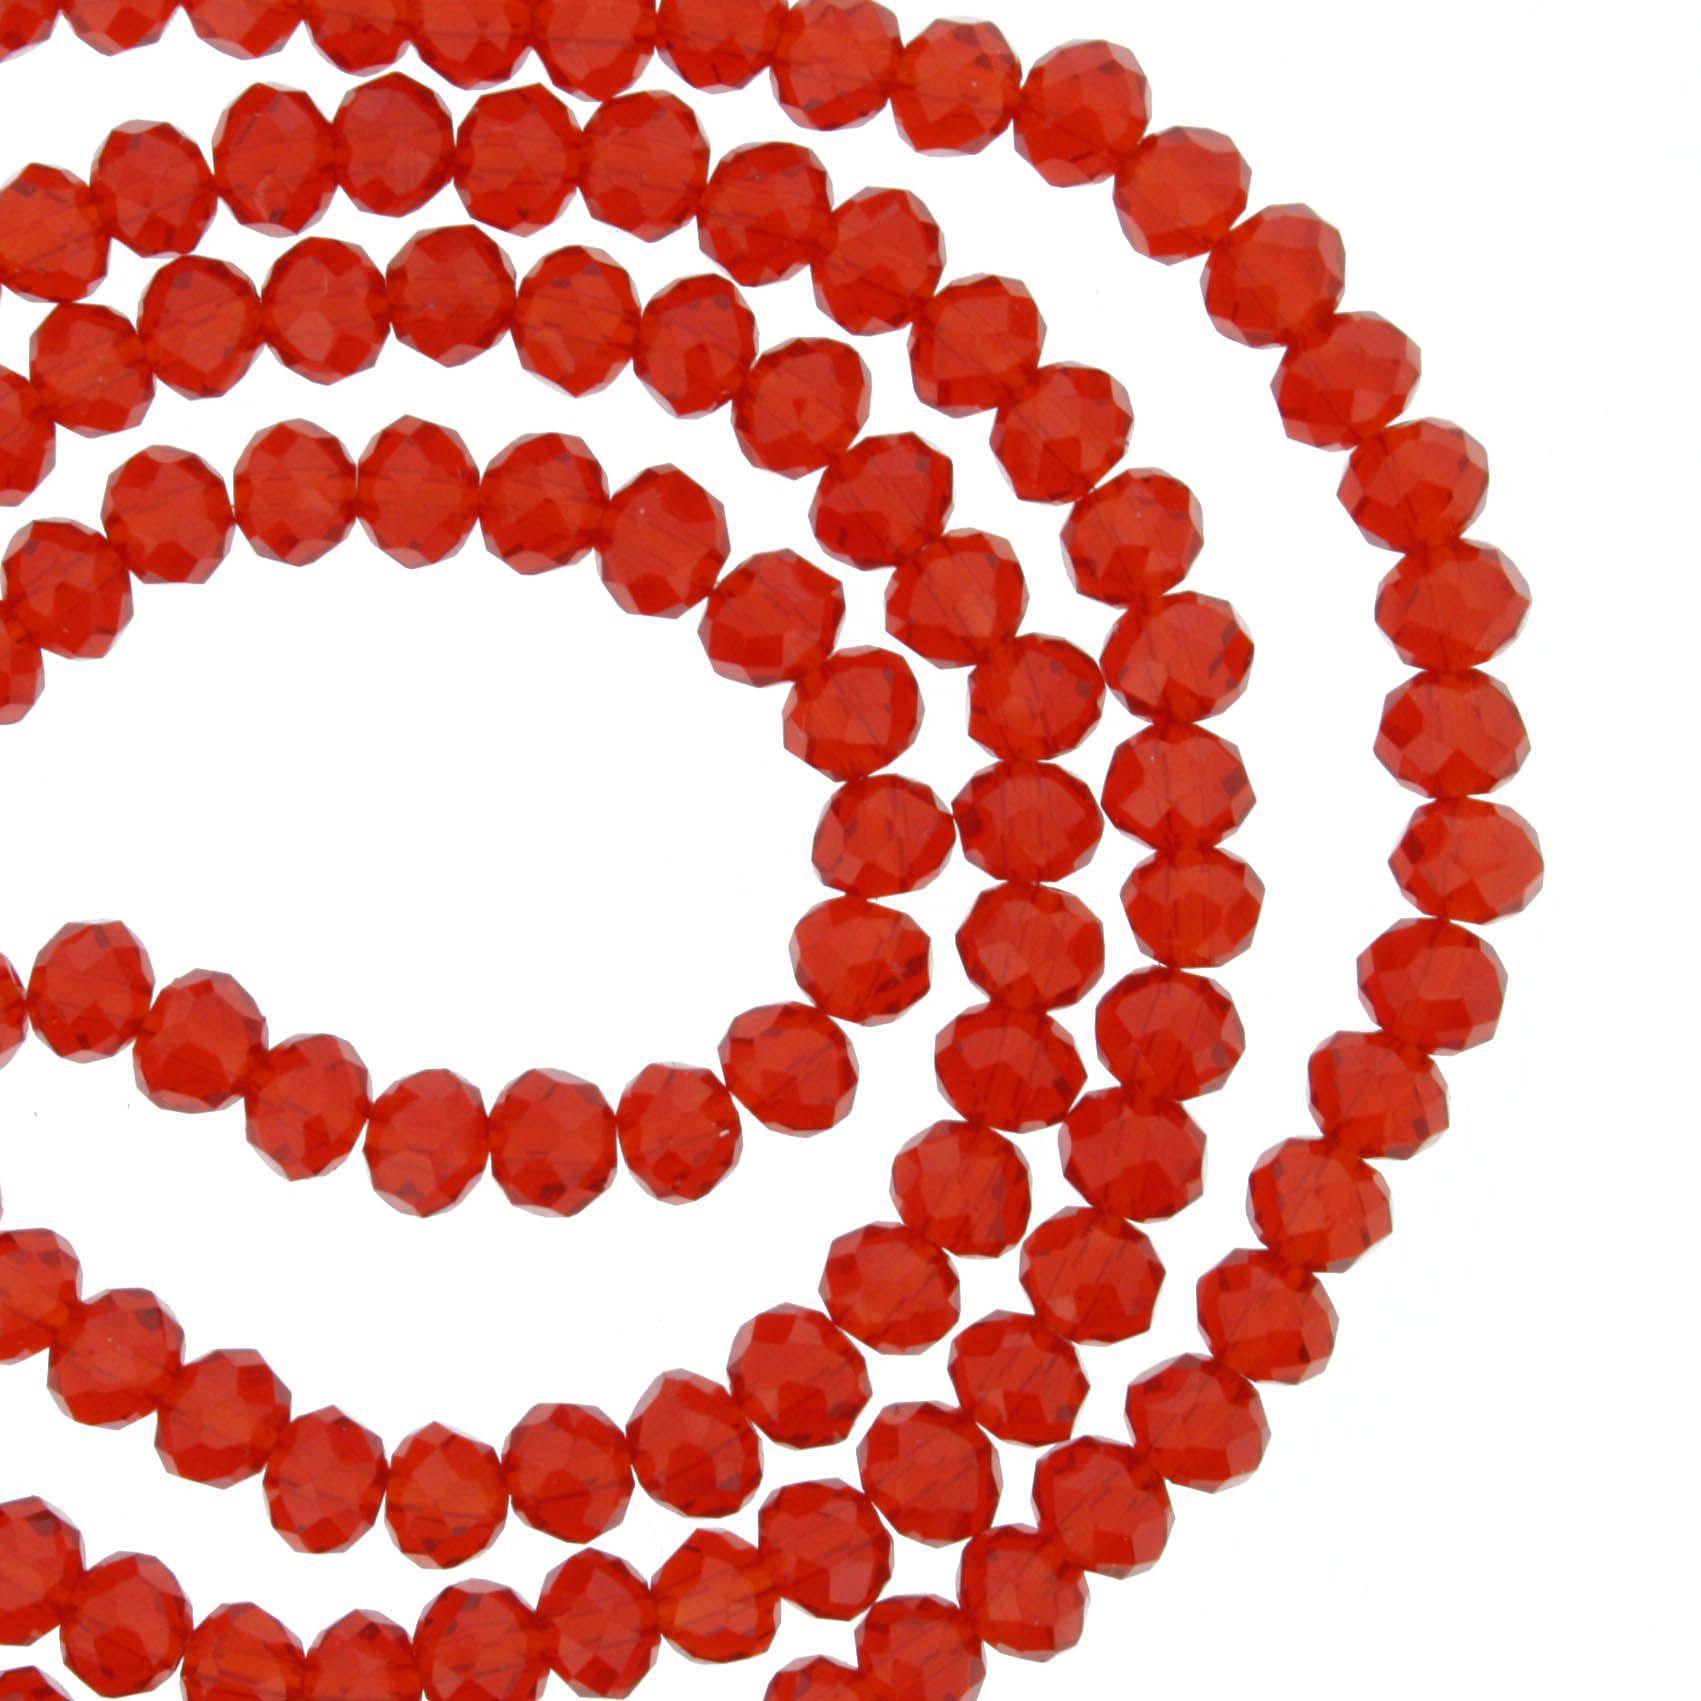 Fio de Cristal - Flat® - Vermelho Transparente - 4mm  - Stéphanie Bijoux® - Peças para Bijuterias e Artesanato